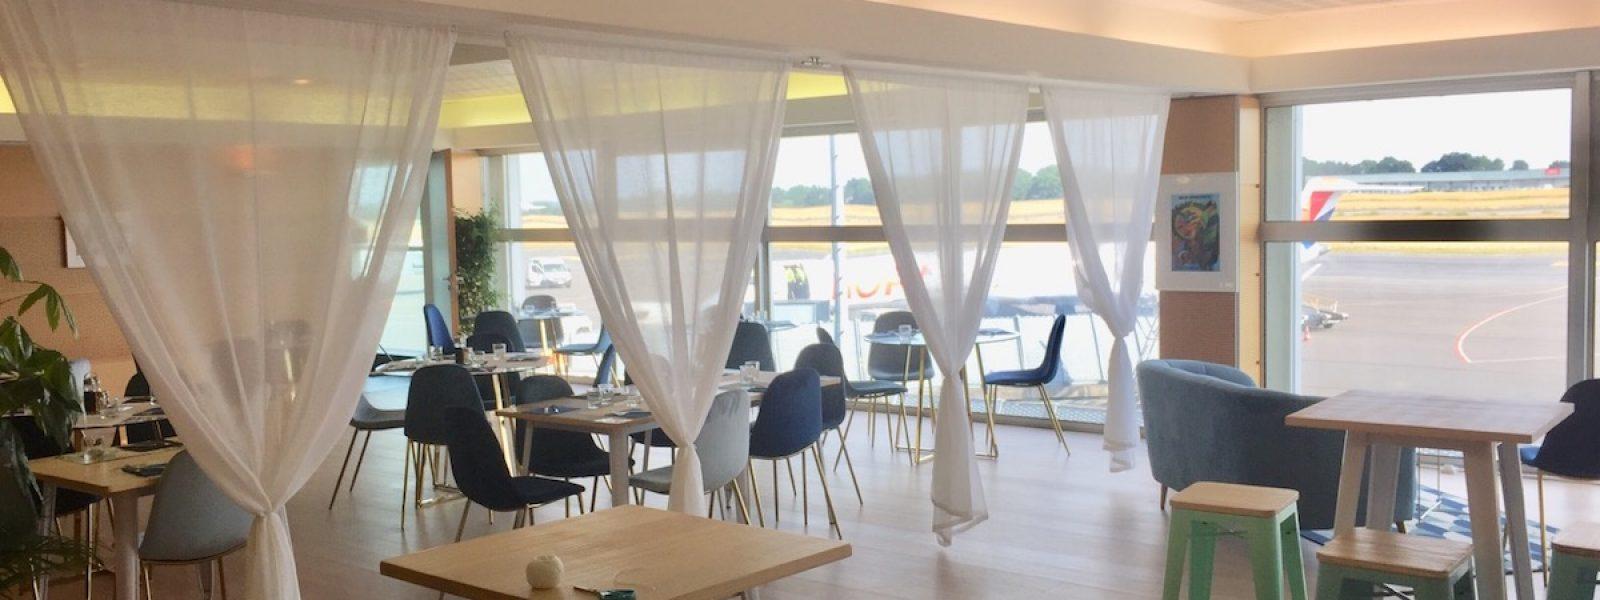 Centre d'Affaires de Rennes Aéroport - Restaurant